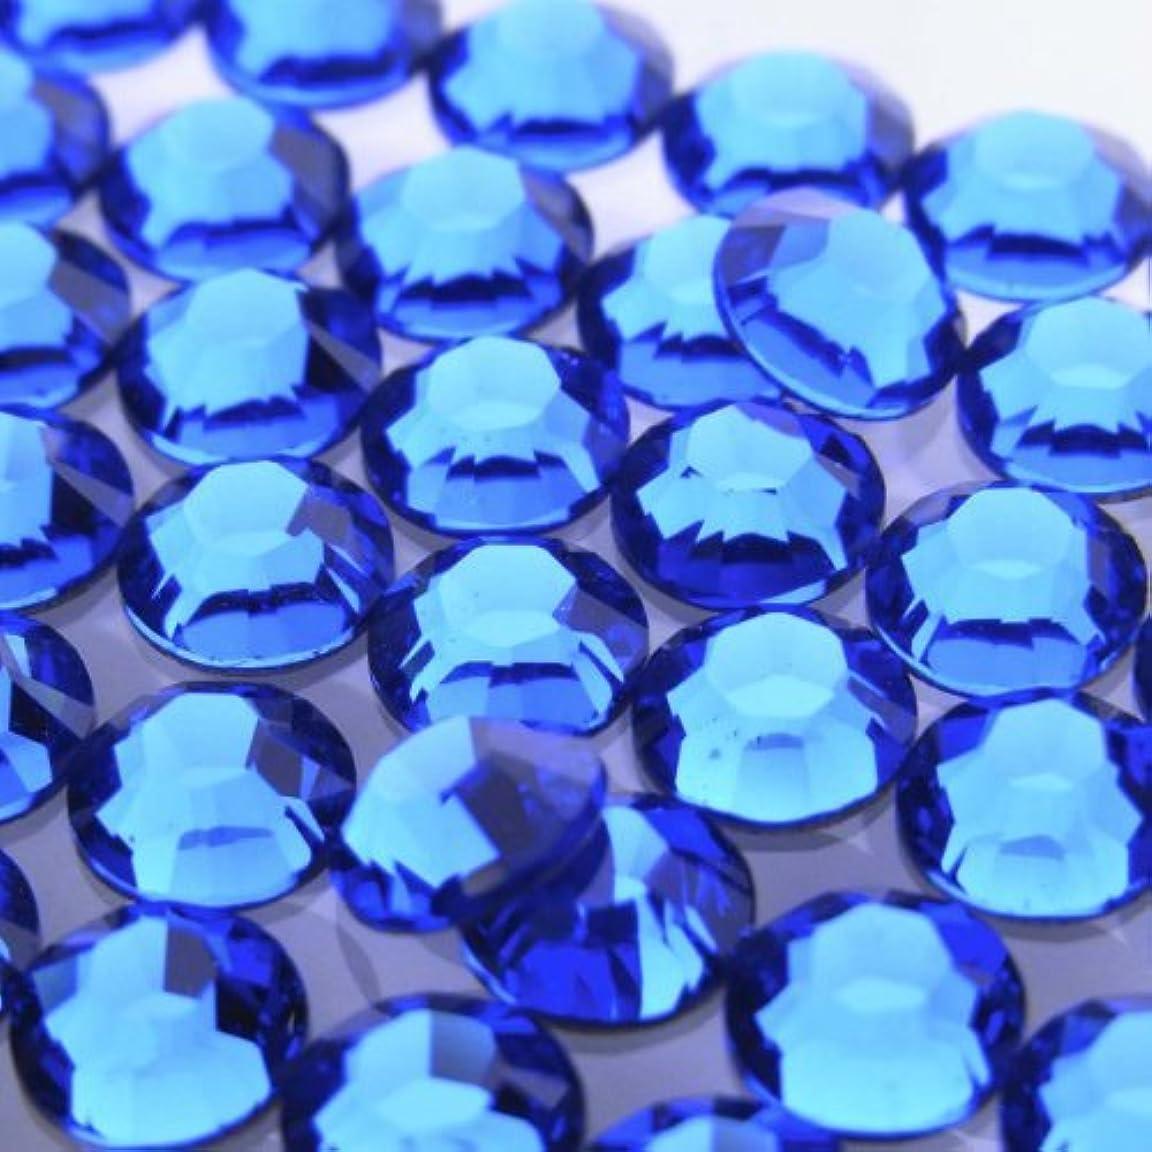 先生医薬維持する2058カプリブルーss16(100粒入り)スワロフスキーラインストーン(nohotfix)